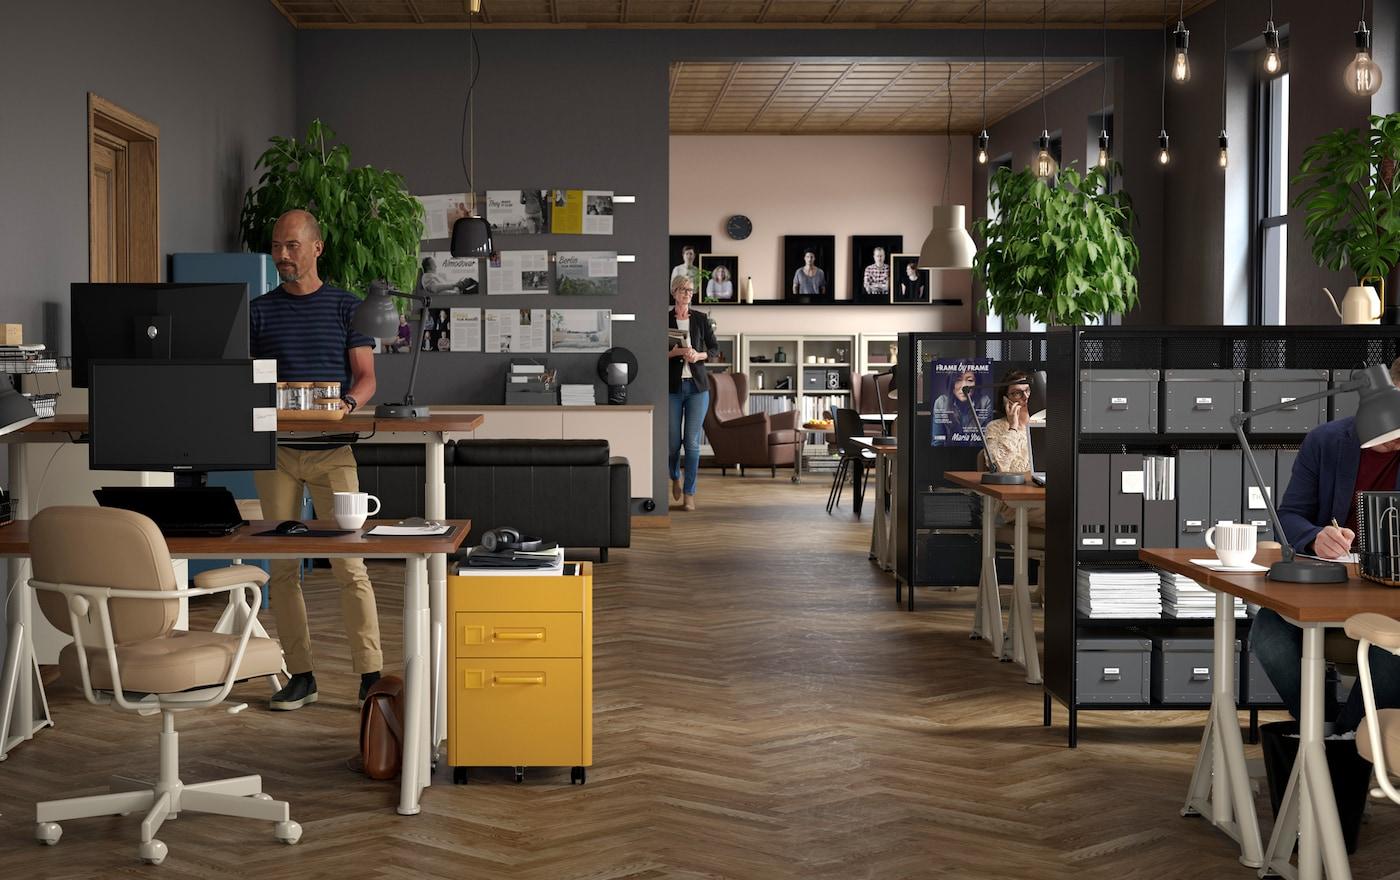 Ассортимент ИКЕА Бизнес станет отражением корпоративной культуры вашей компании. В него входят базовые офисные аксессуары с ярким дизайном: настольные подставки, вставки в ящики и канцелярские товары. Кроме того, за функциональность в ассортименте отвечают эргономичные столы и стулья.